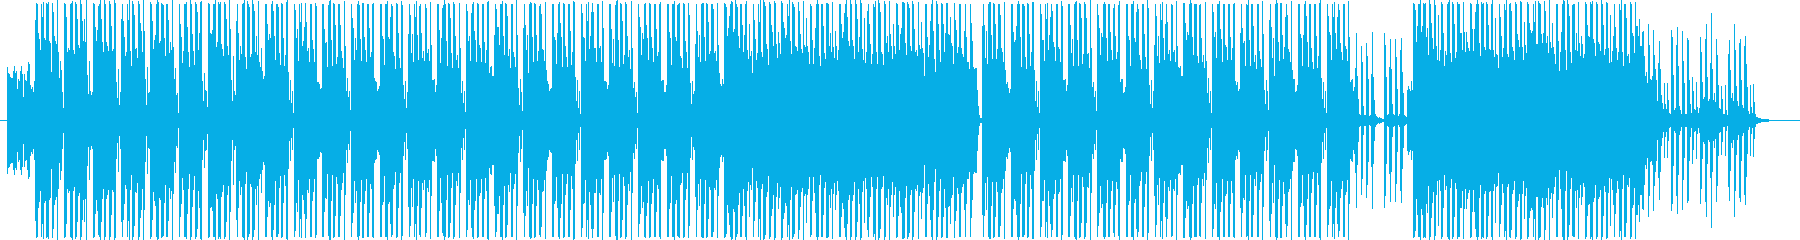 洋楽、メインストリームヒップホップ♫の再生済みの波形